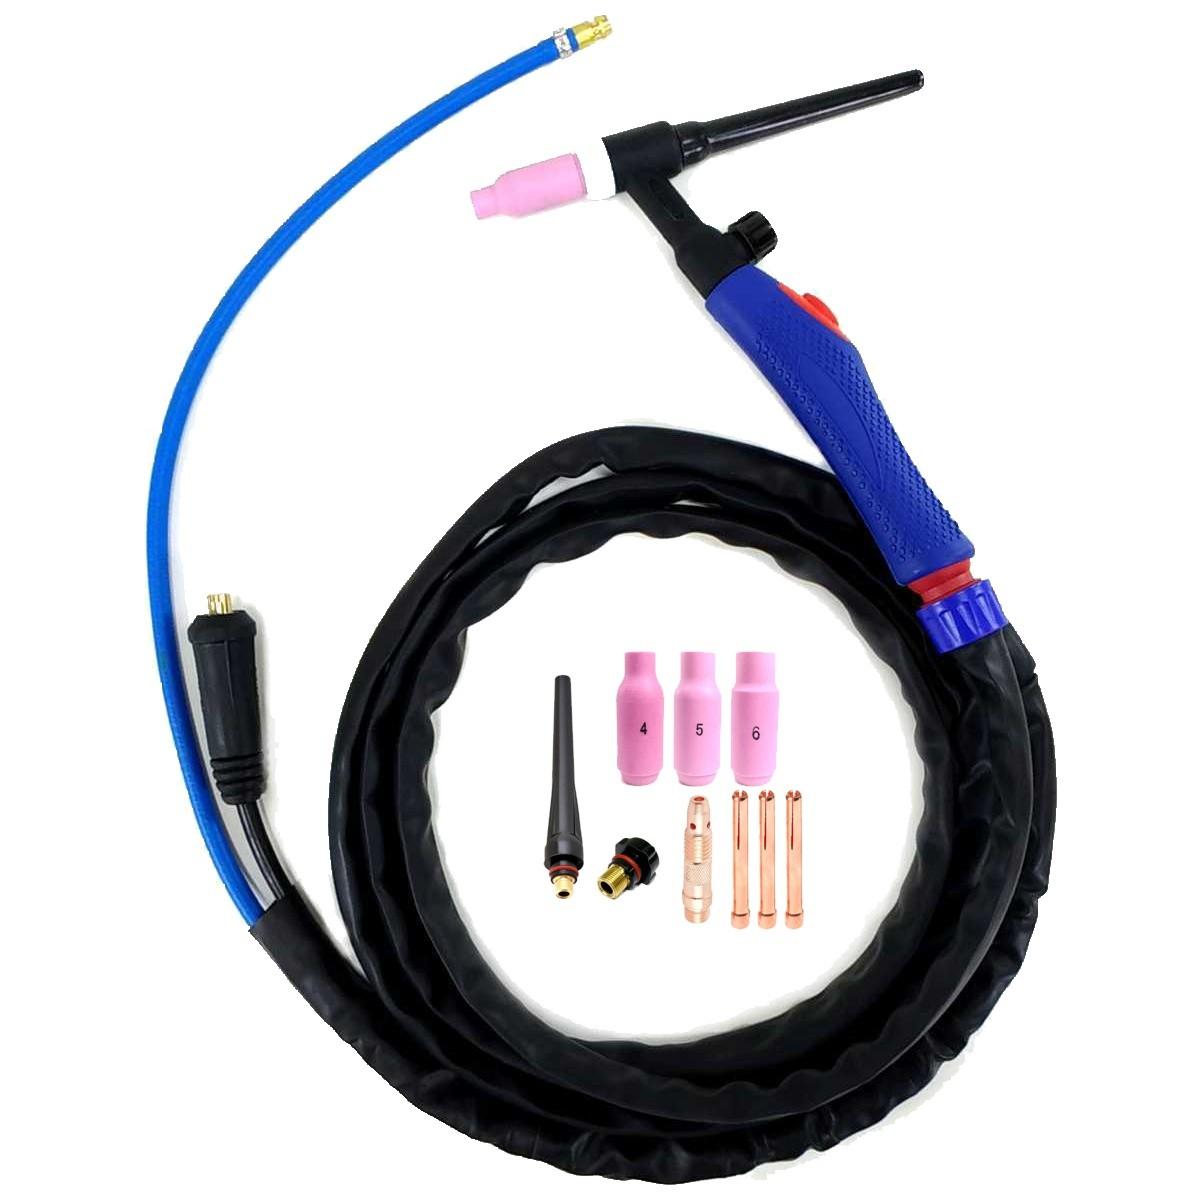 Tocha Tig 17V 3,5m Boxer para Alta Frequencia engate 9 mm